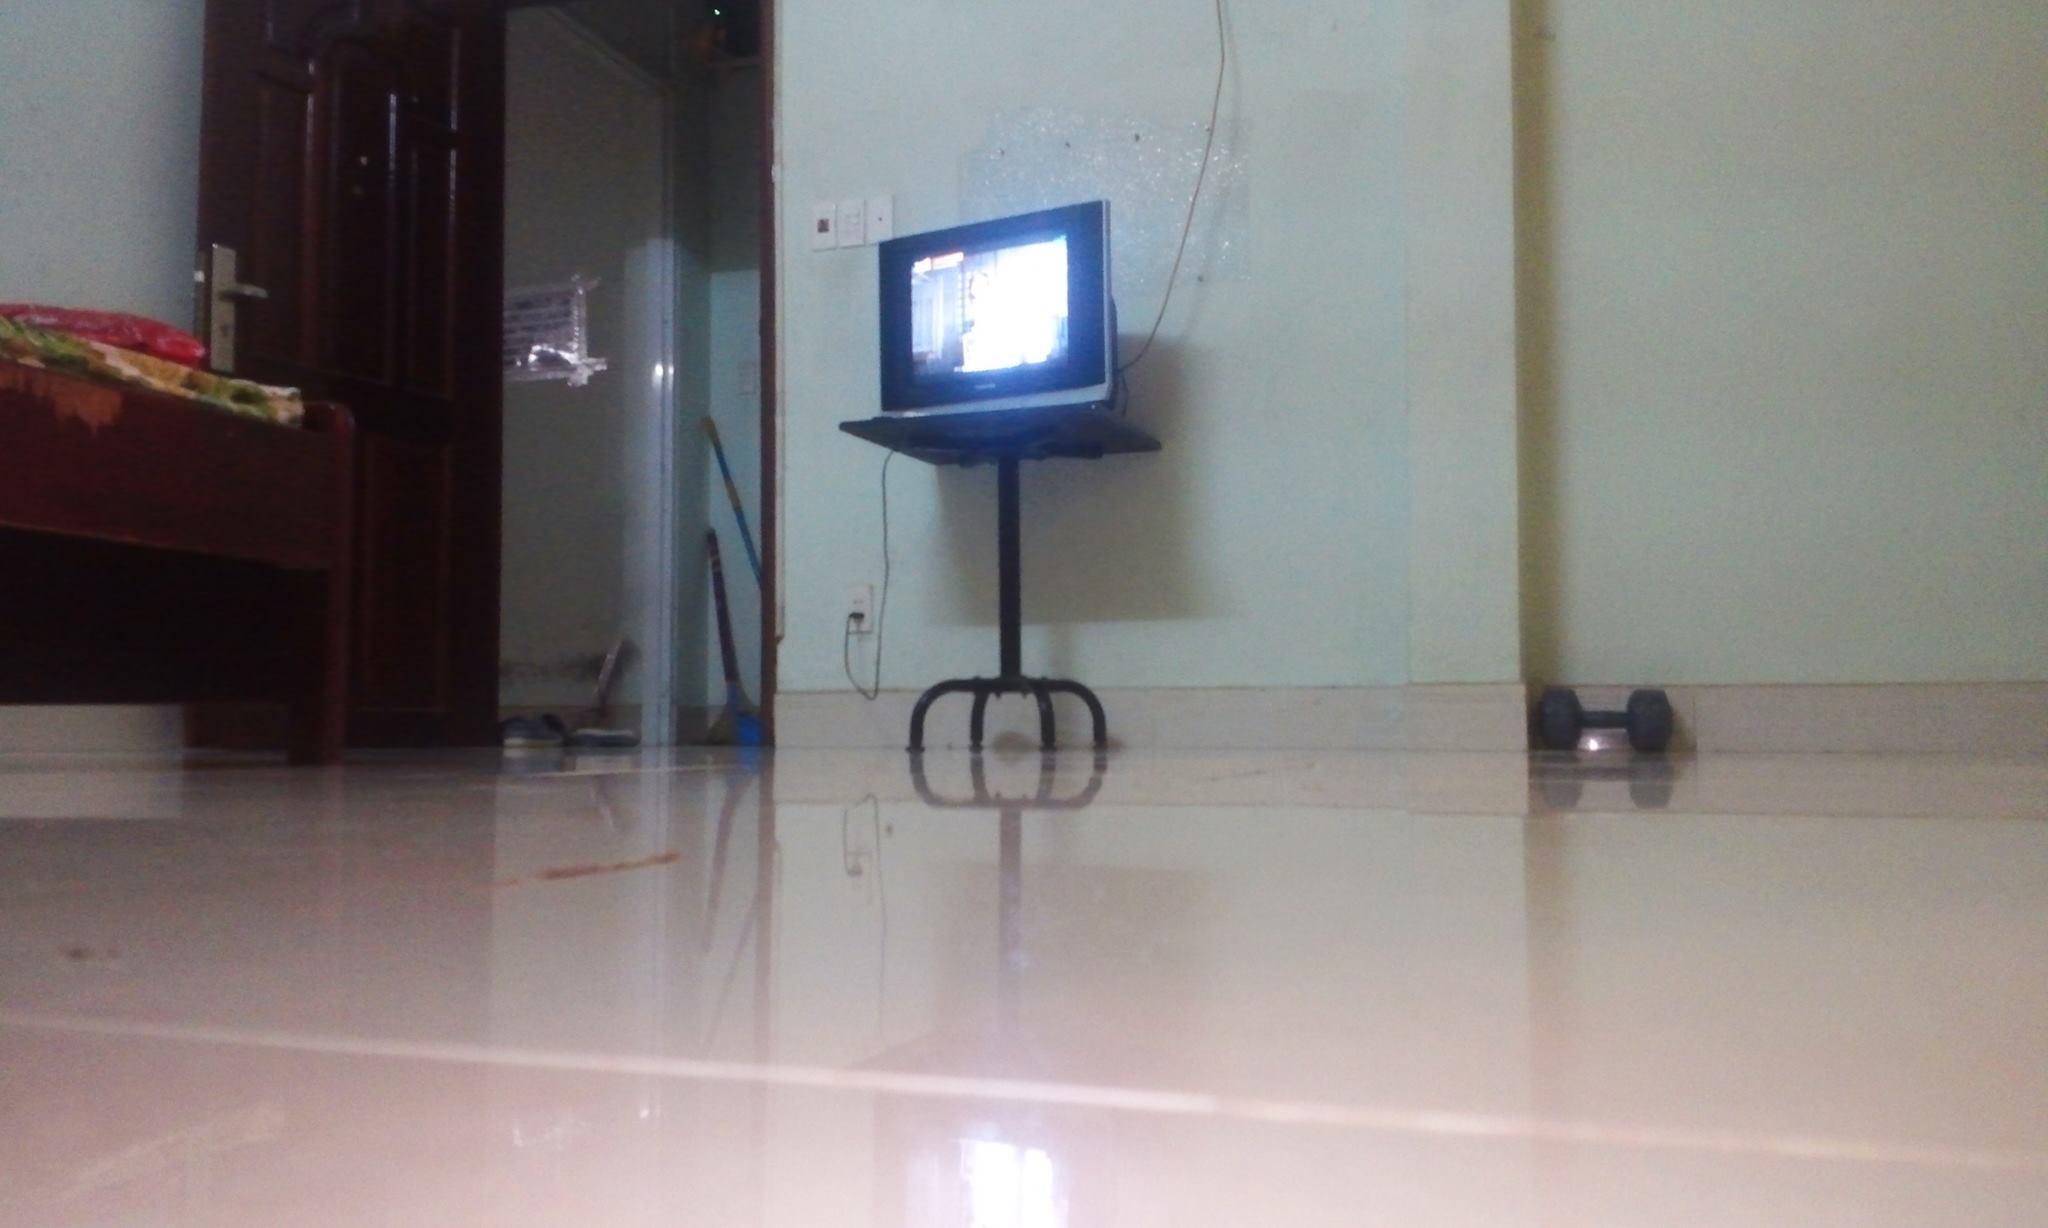 3 Phòng trọ giá rẻ quận Bình Tân, đầy đủ tiện nghi, giá 900K - 1,4 triệu/tháng